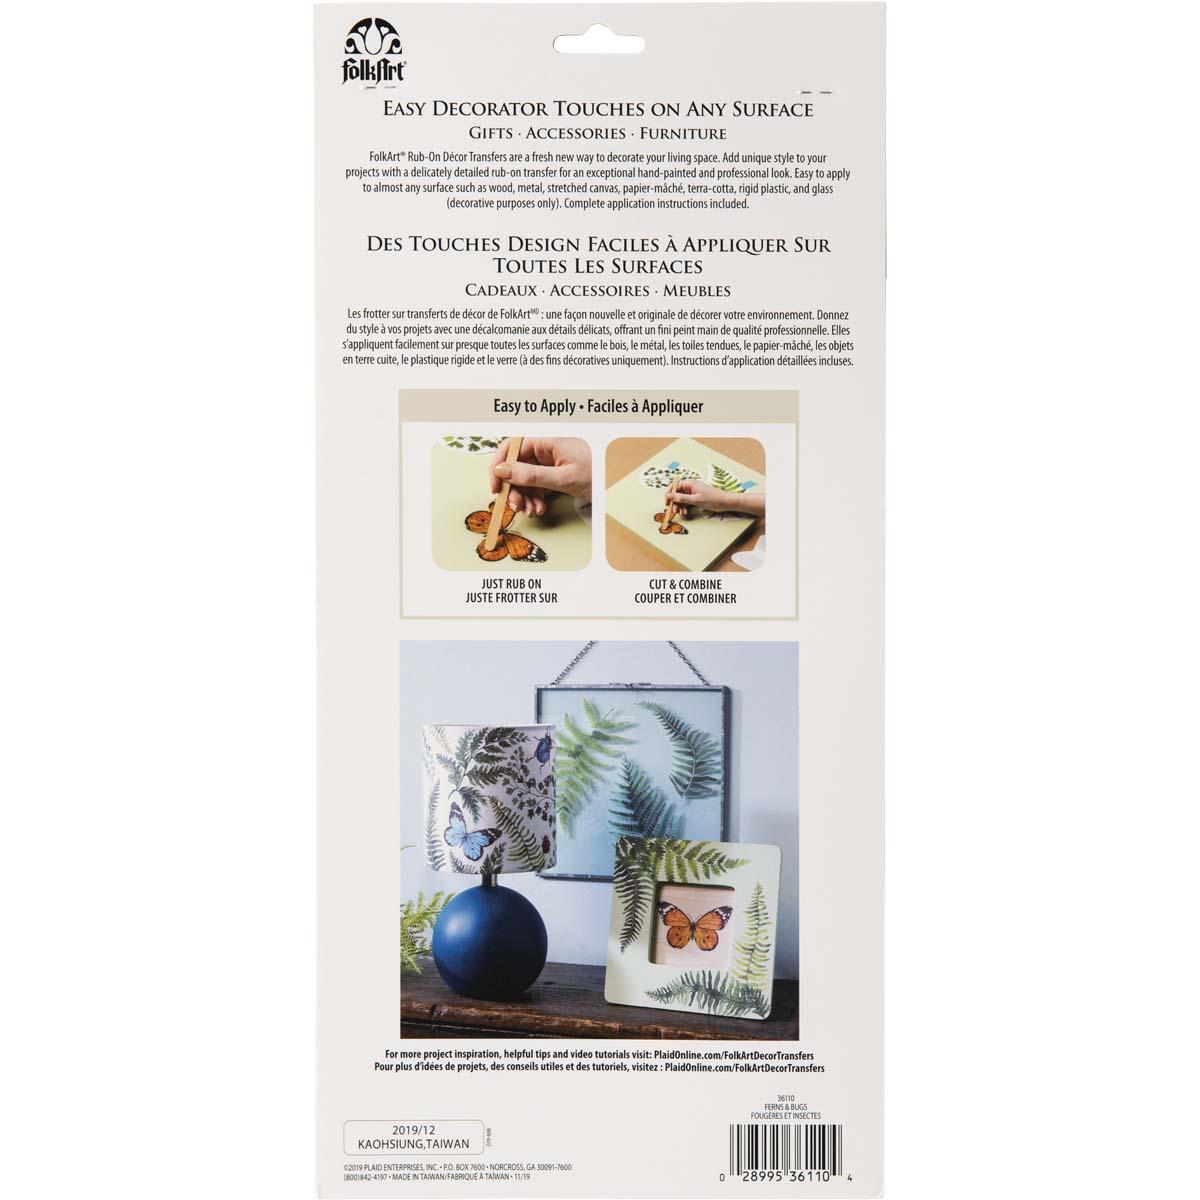 FolkArt ® Rub-On Décor Transfer - Fern and Bugs, 3 pc. - 36110